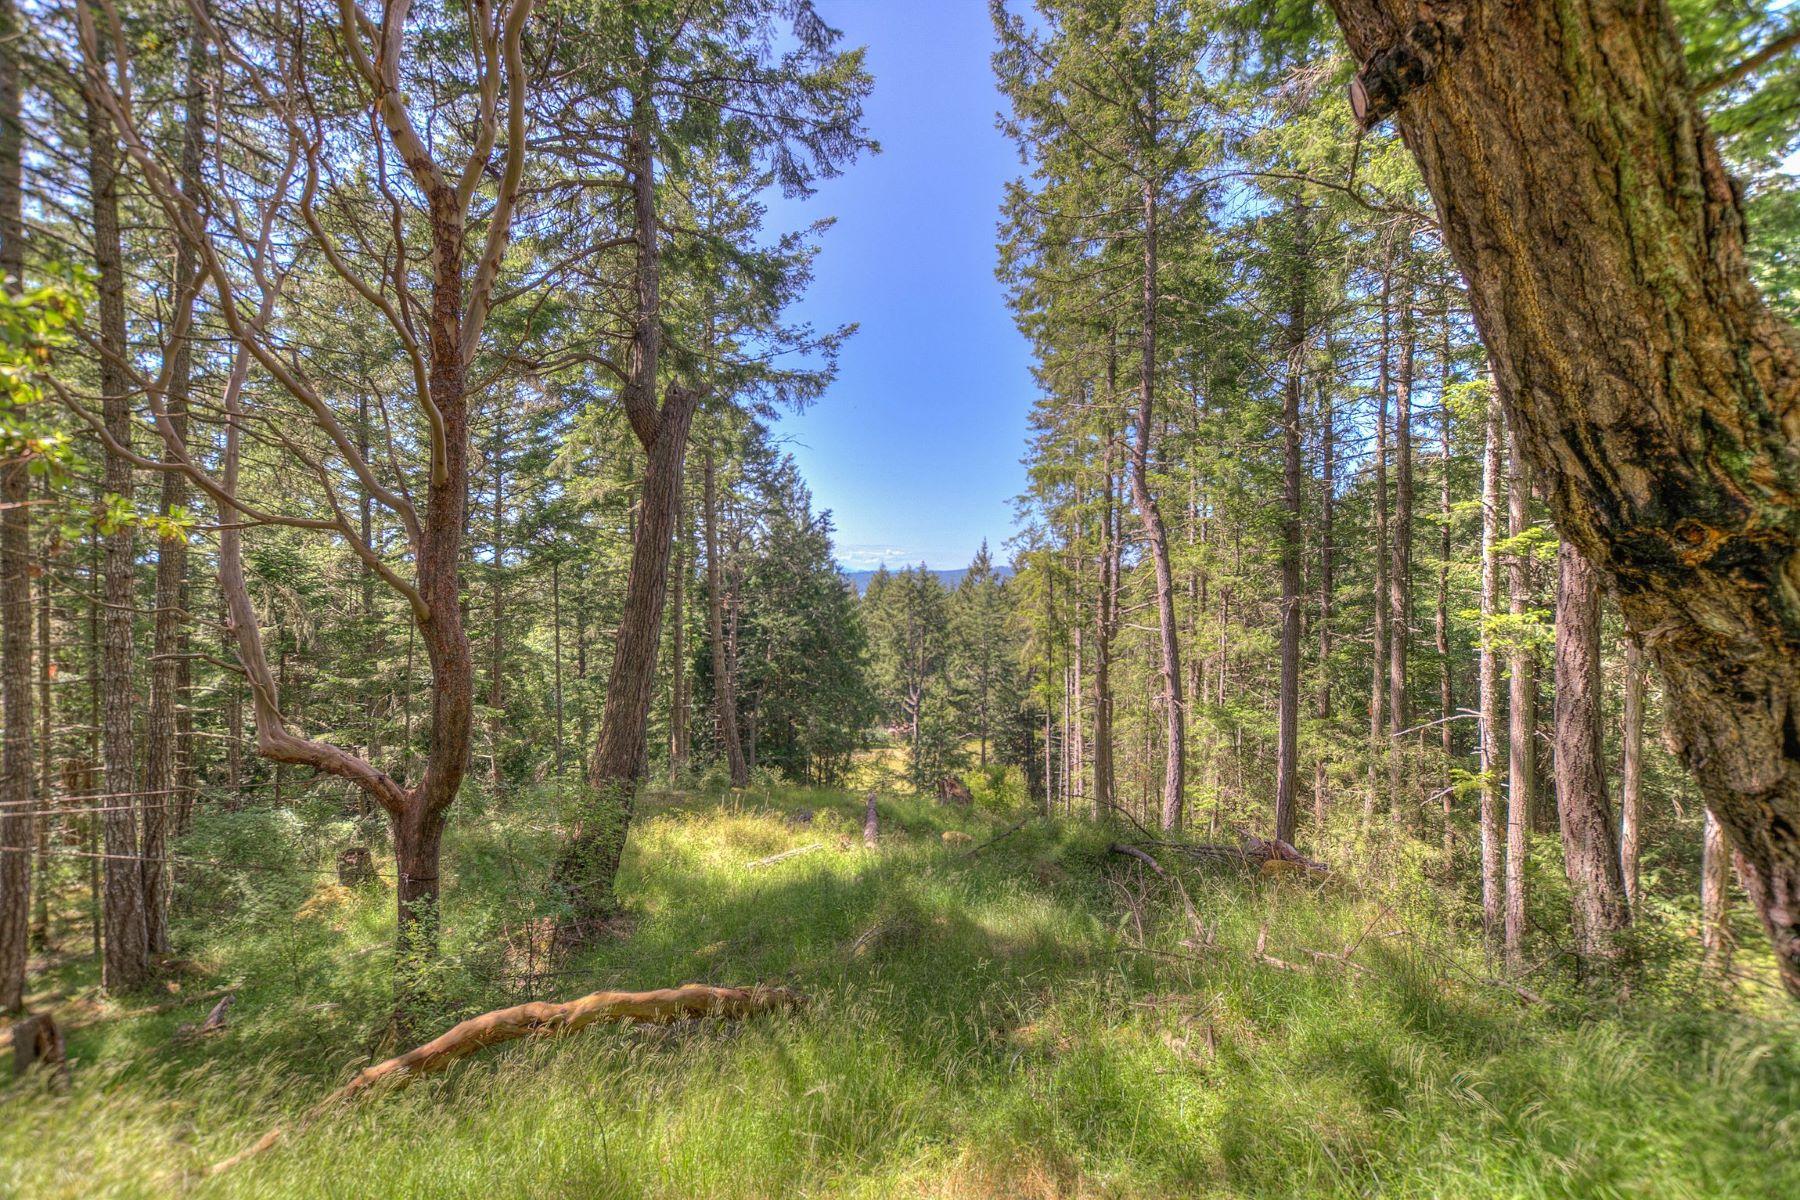 Land for Sale at 160 Vista Glen Dr, Eastsound, WA 98245 160 Vista Glen Dr Eastsound, Washington 98245 United States